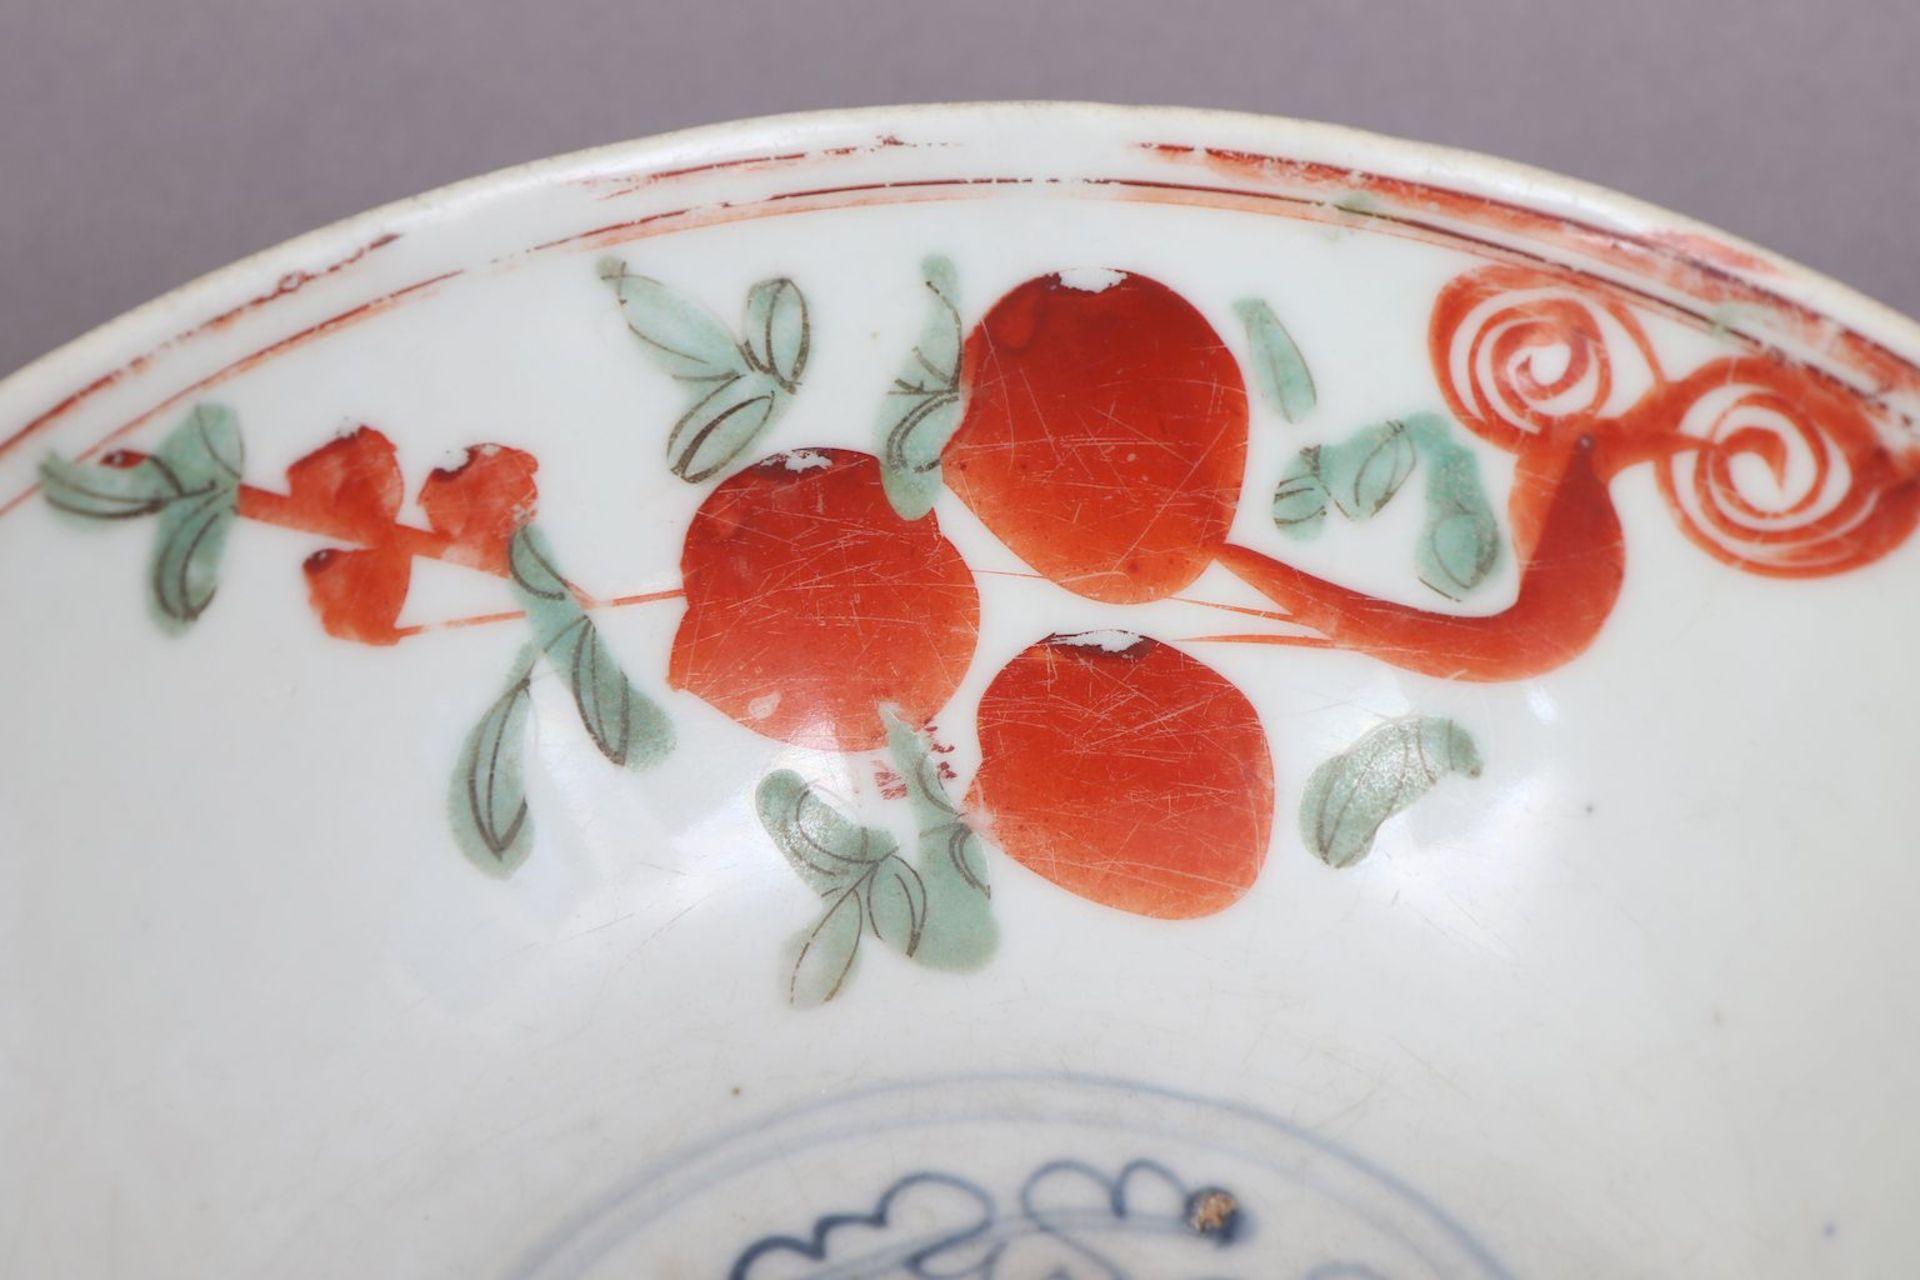 Chinesische Porzellanschale mit Pfirsichdekor - Image 2 of 5